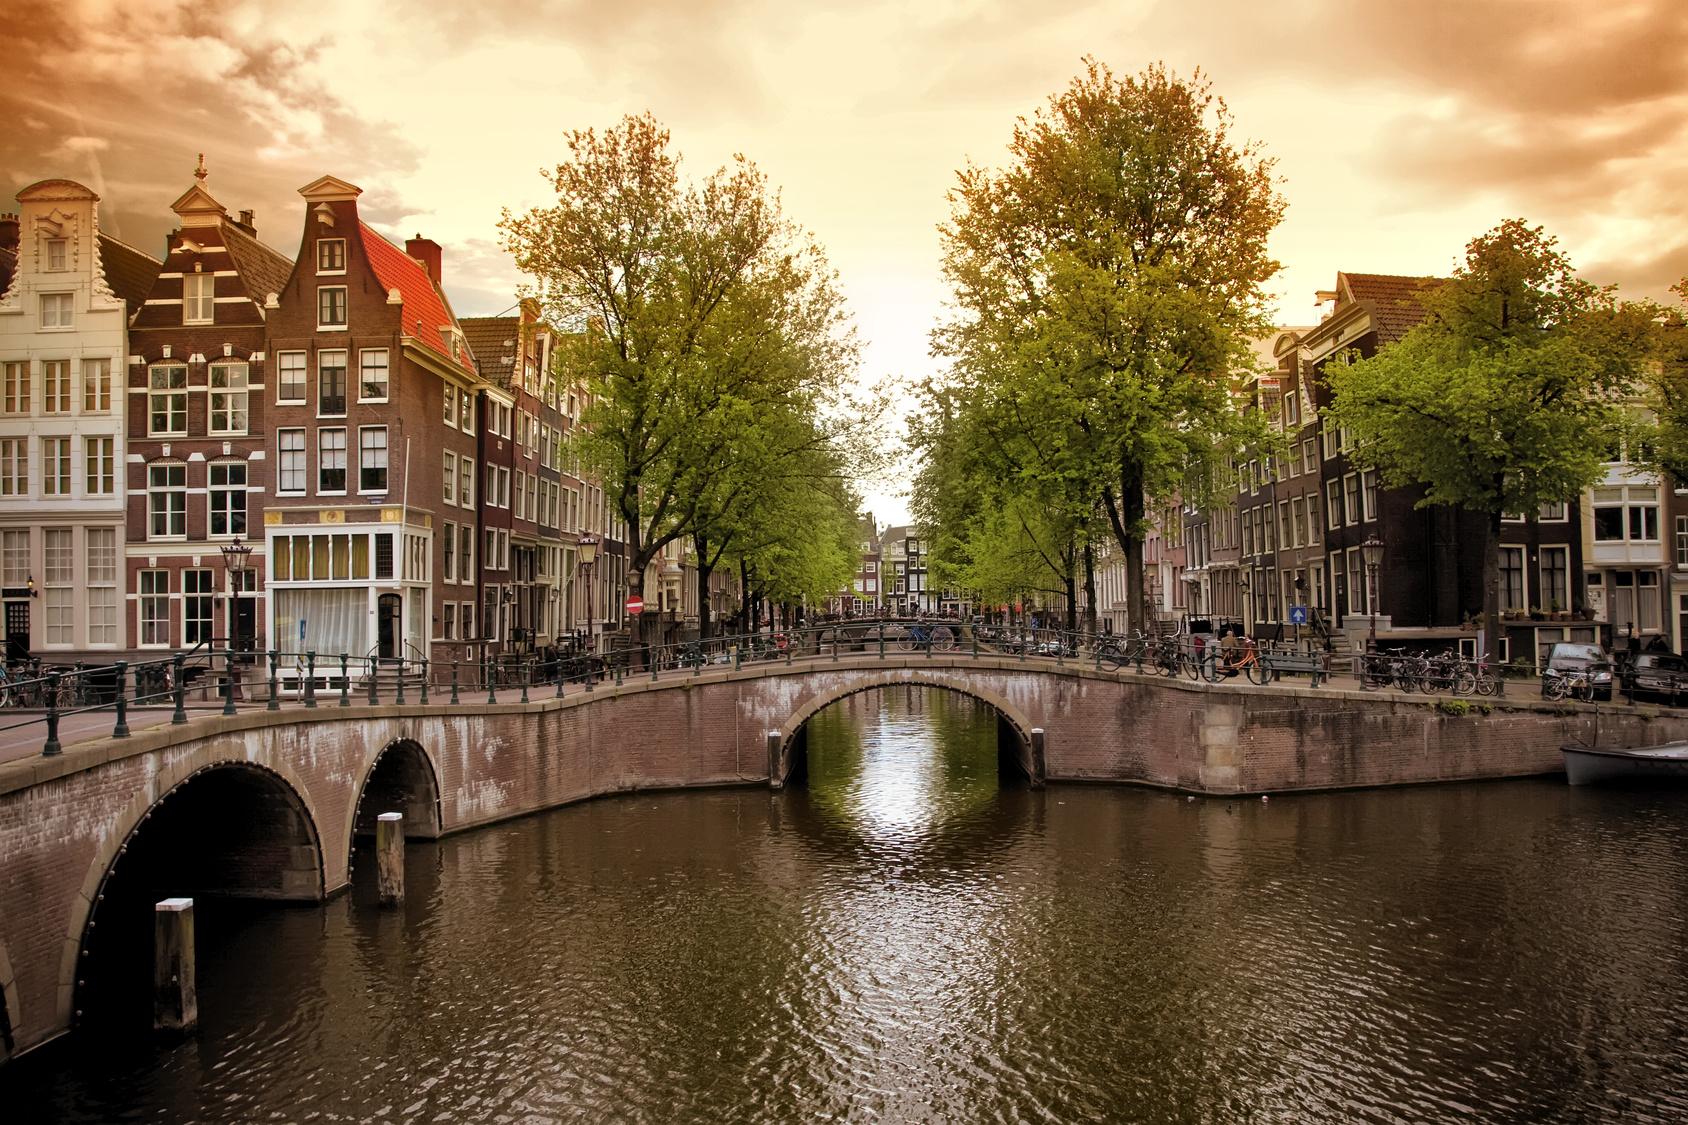 полученный результат достопримечательности амстердама фото и описание они позволяют